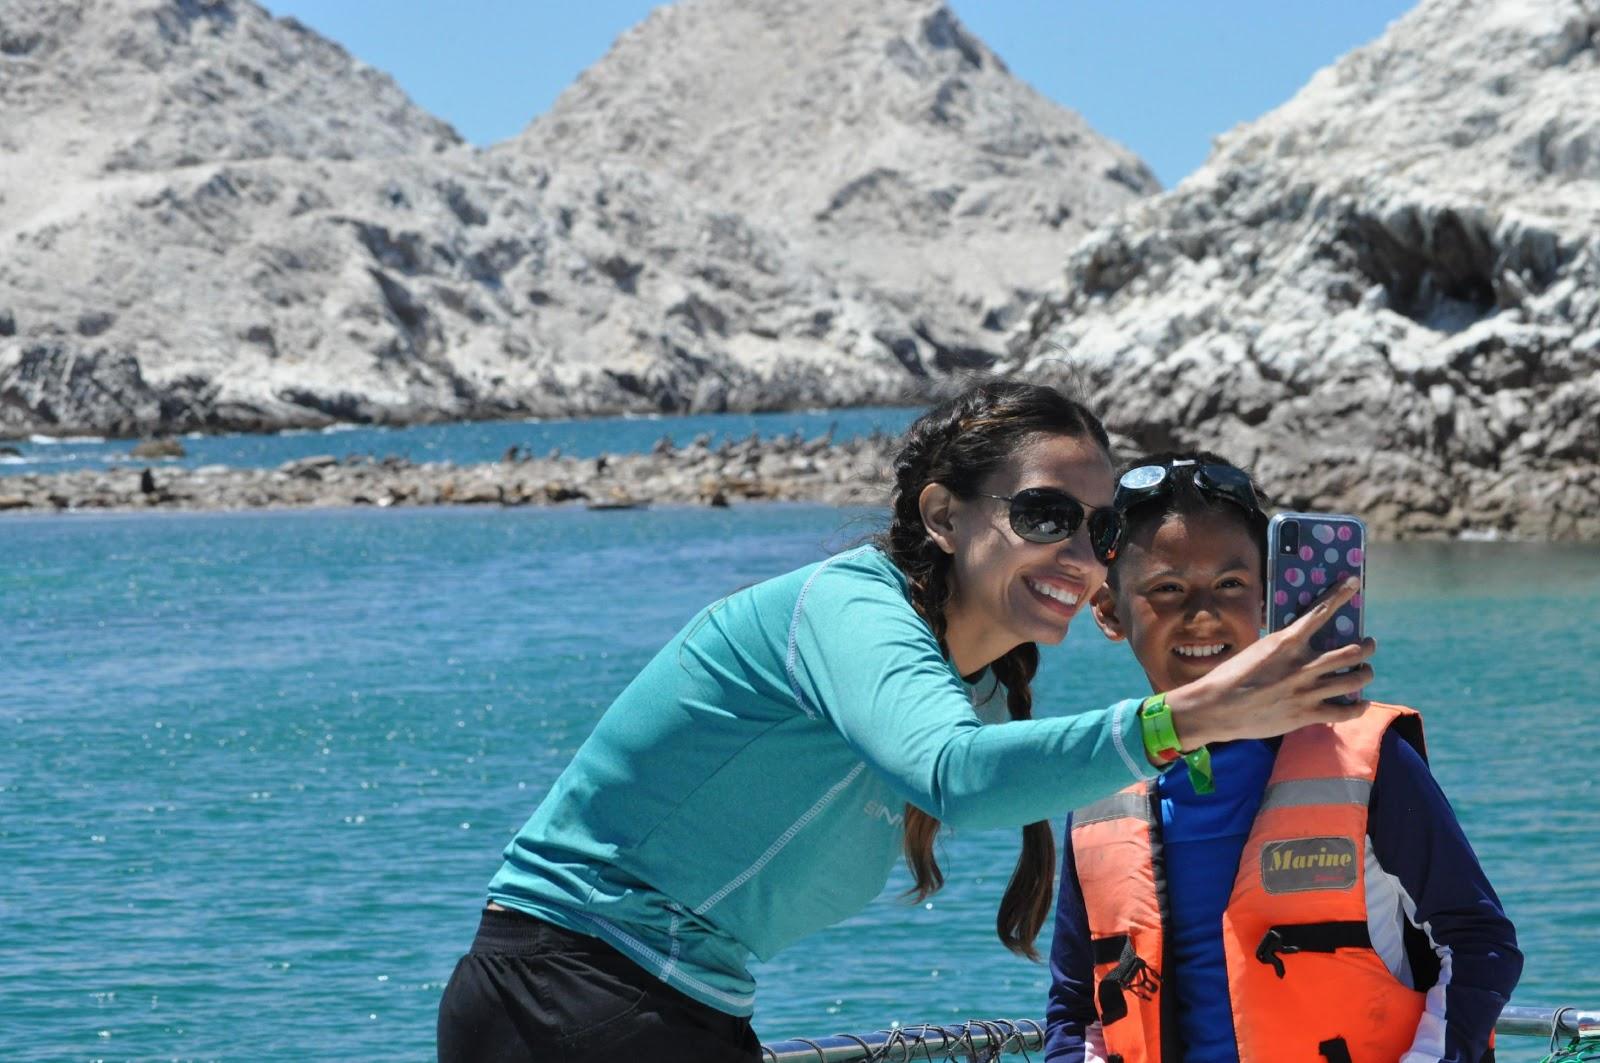 Actividades que hacer este verano por cielo, mar y tierra en Puerto Peñasco.